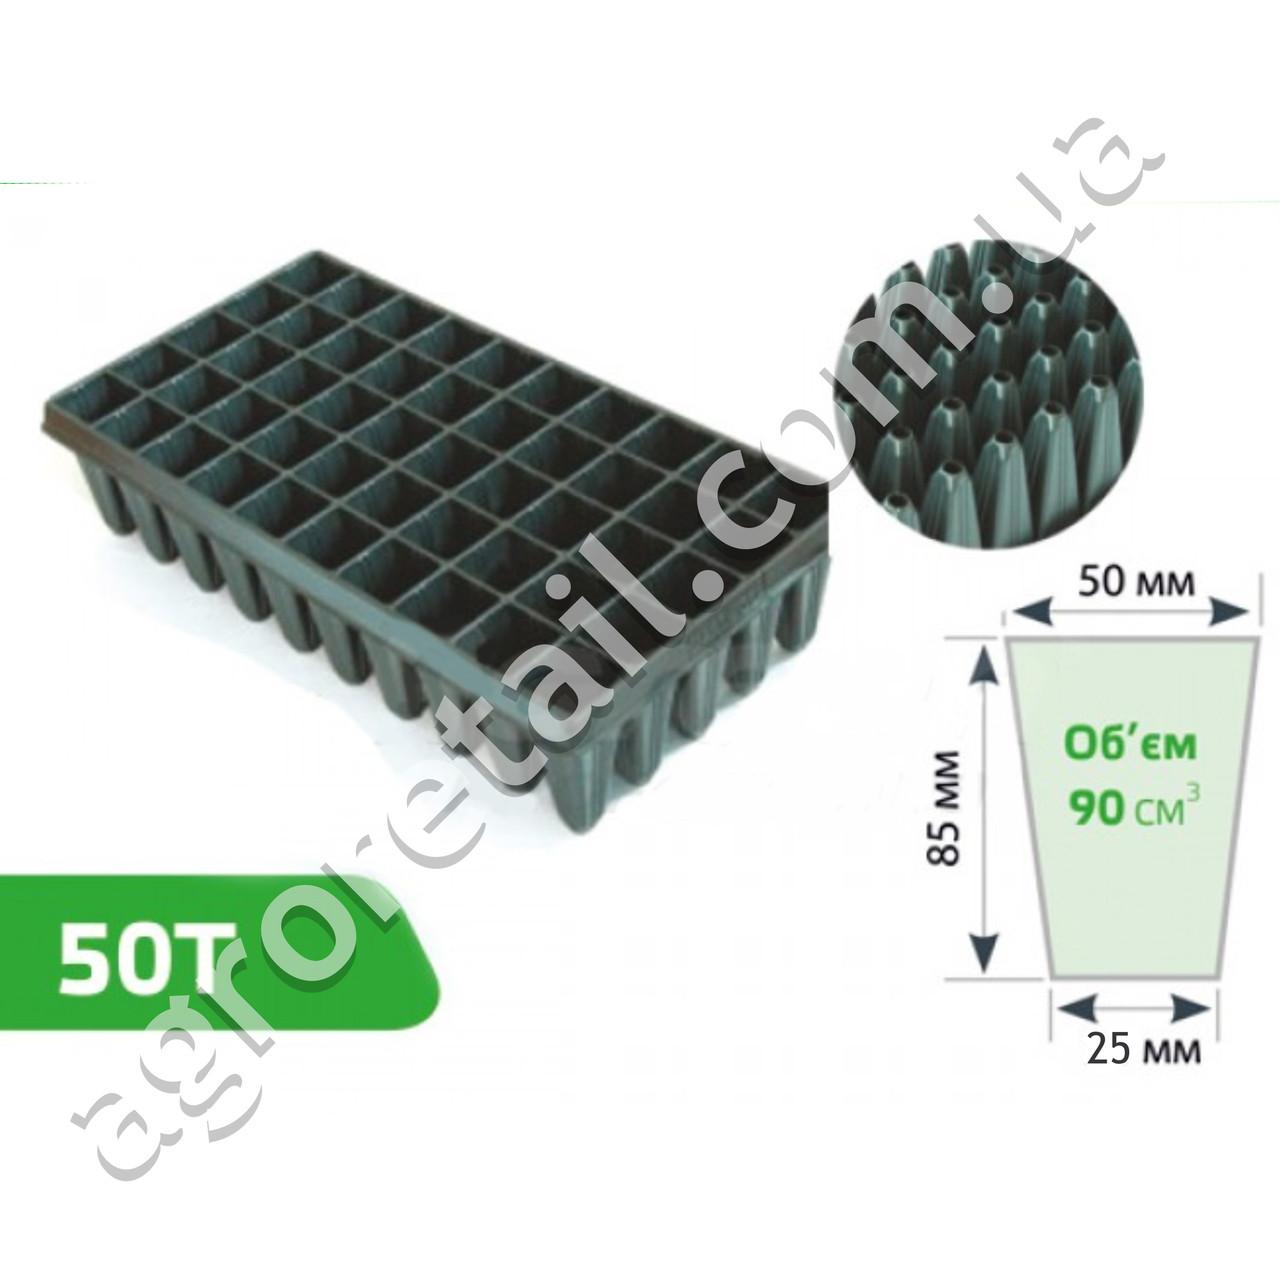 Кассета для рассады глубокие без поддона 50 ячеек 50x85x25 мм толщина 1 мм